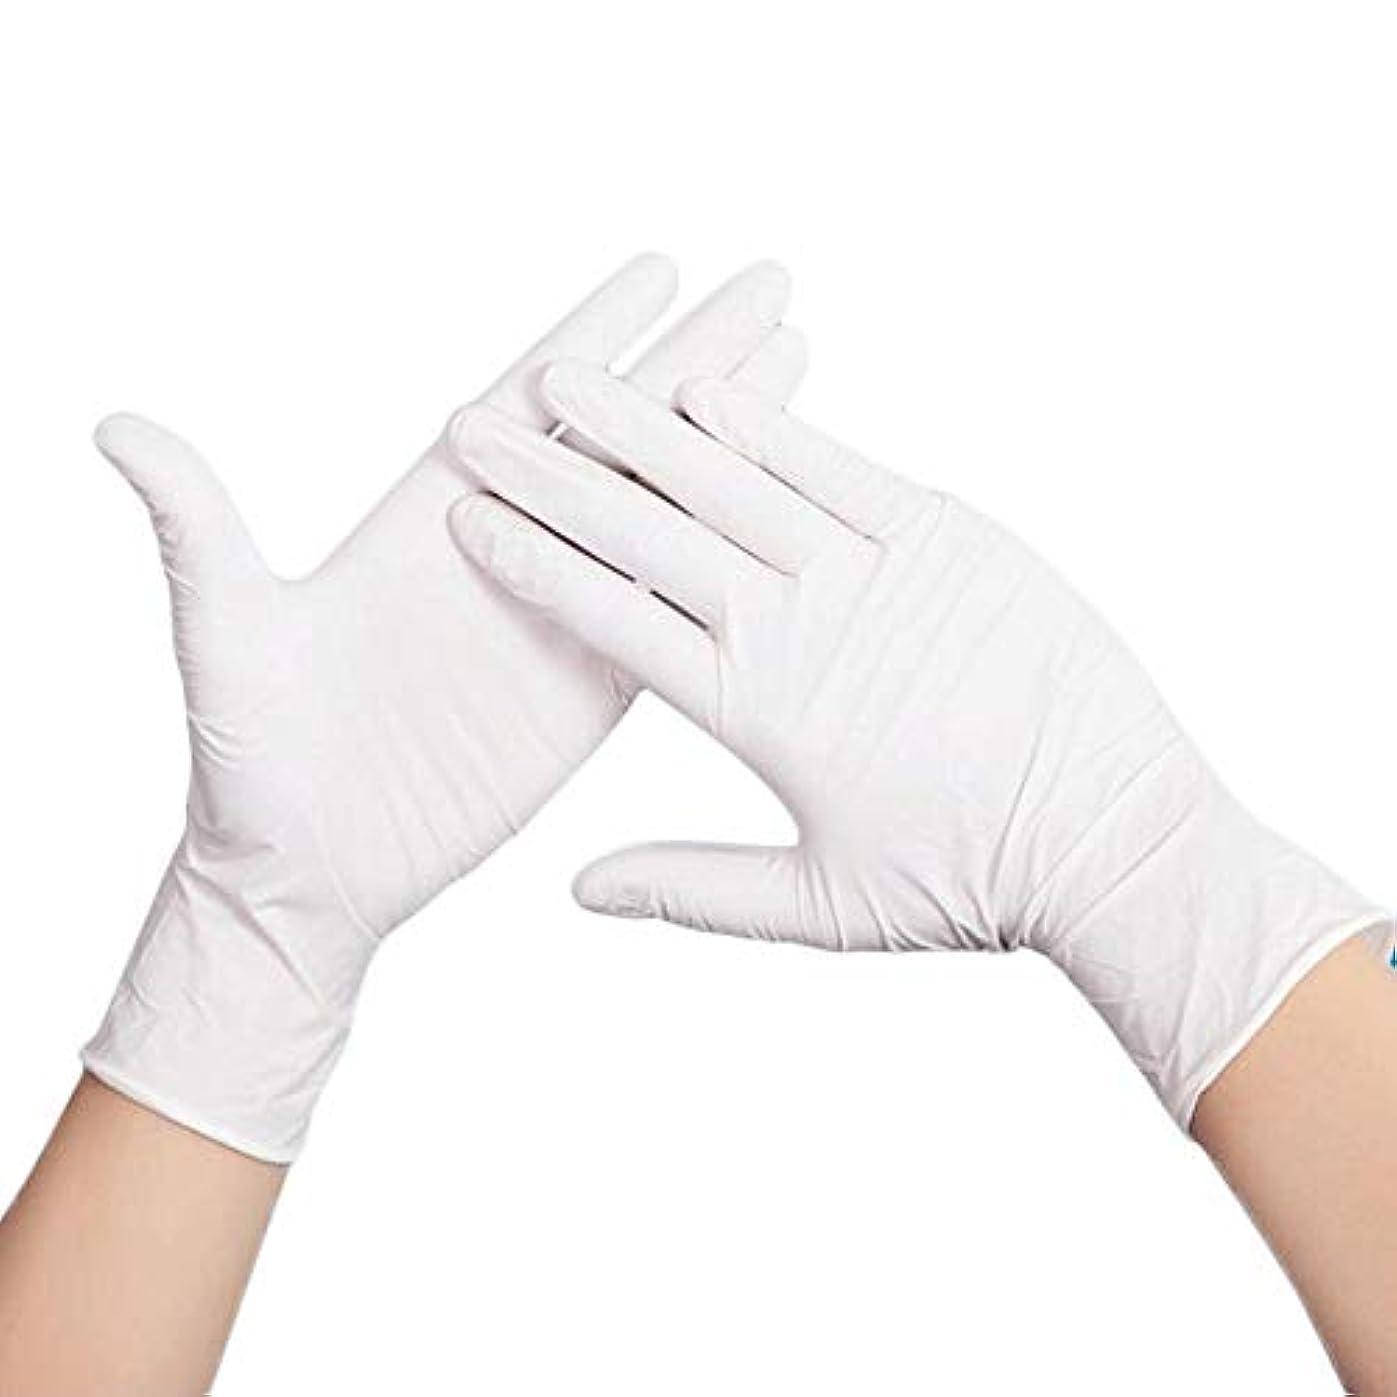 ネコ電化する水陸両用乳白色の11インチの使い捨て可能な粉体検査ゴムラテックス手袋 - 着用が簡単で快適なフィット YANW (色 : A, サイズ さいず : M m)